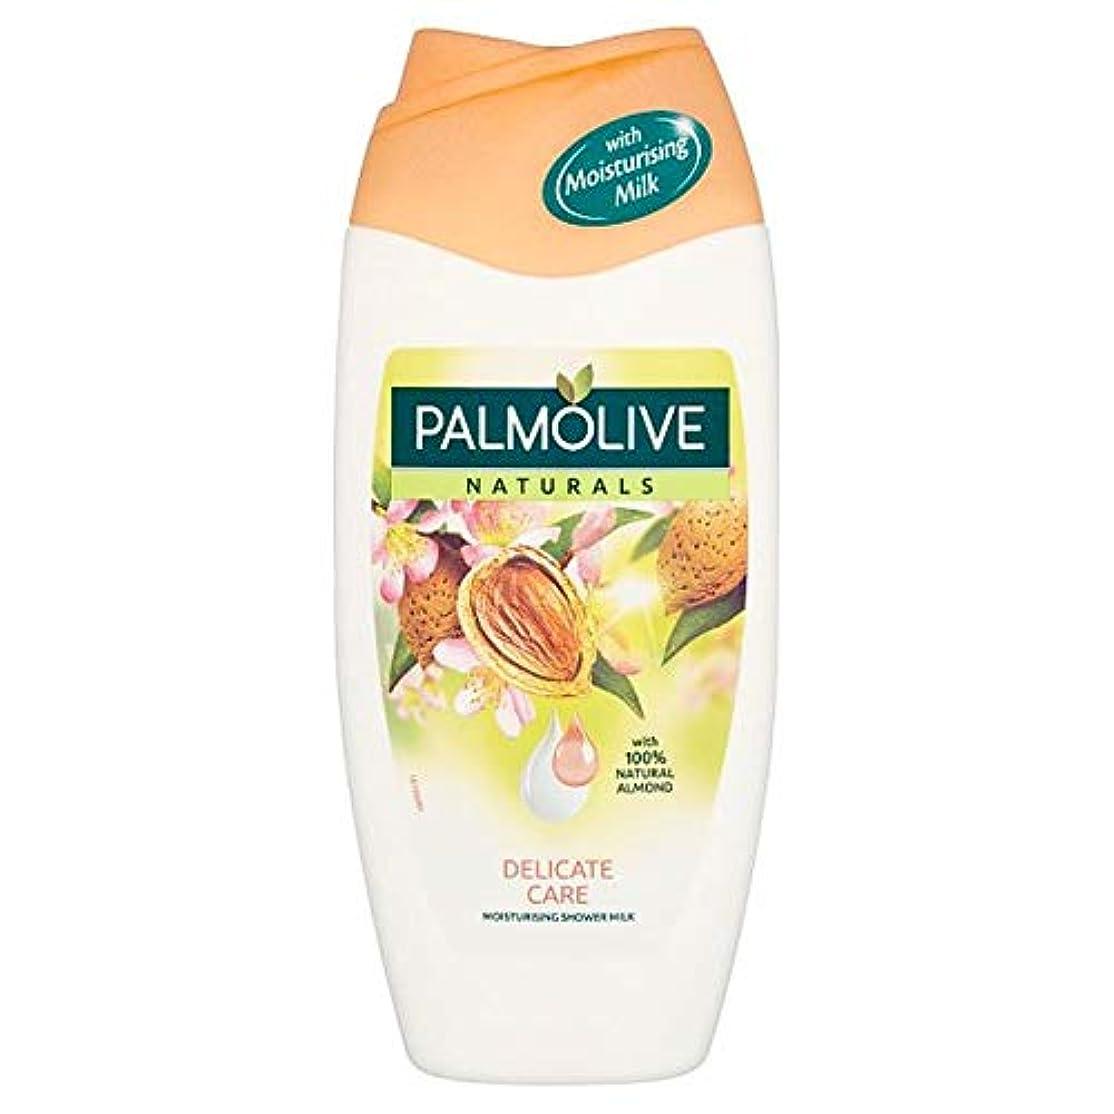 花瓶唇掻く[Palmolive] Palmolive社ナチュラルズは、シャワージェル250ミリリットルアーモンド - Palmolive Naturals Almond Shower Gel 250Ml [並行輸入品]